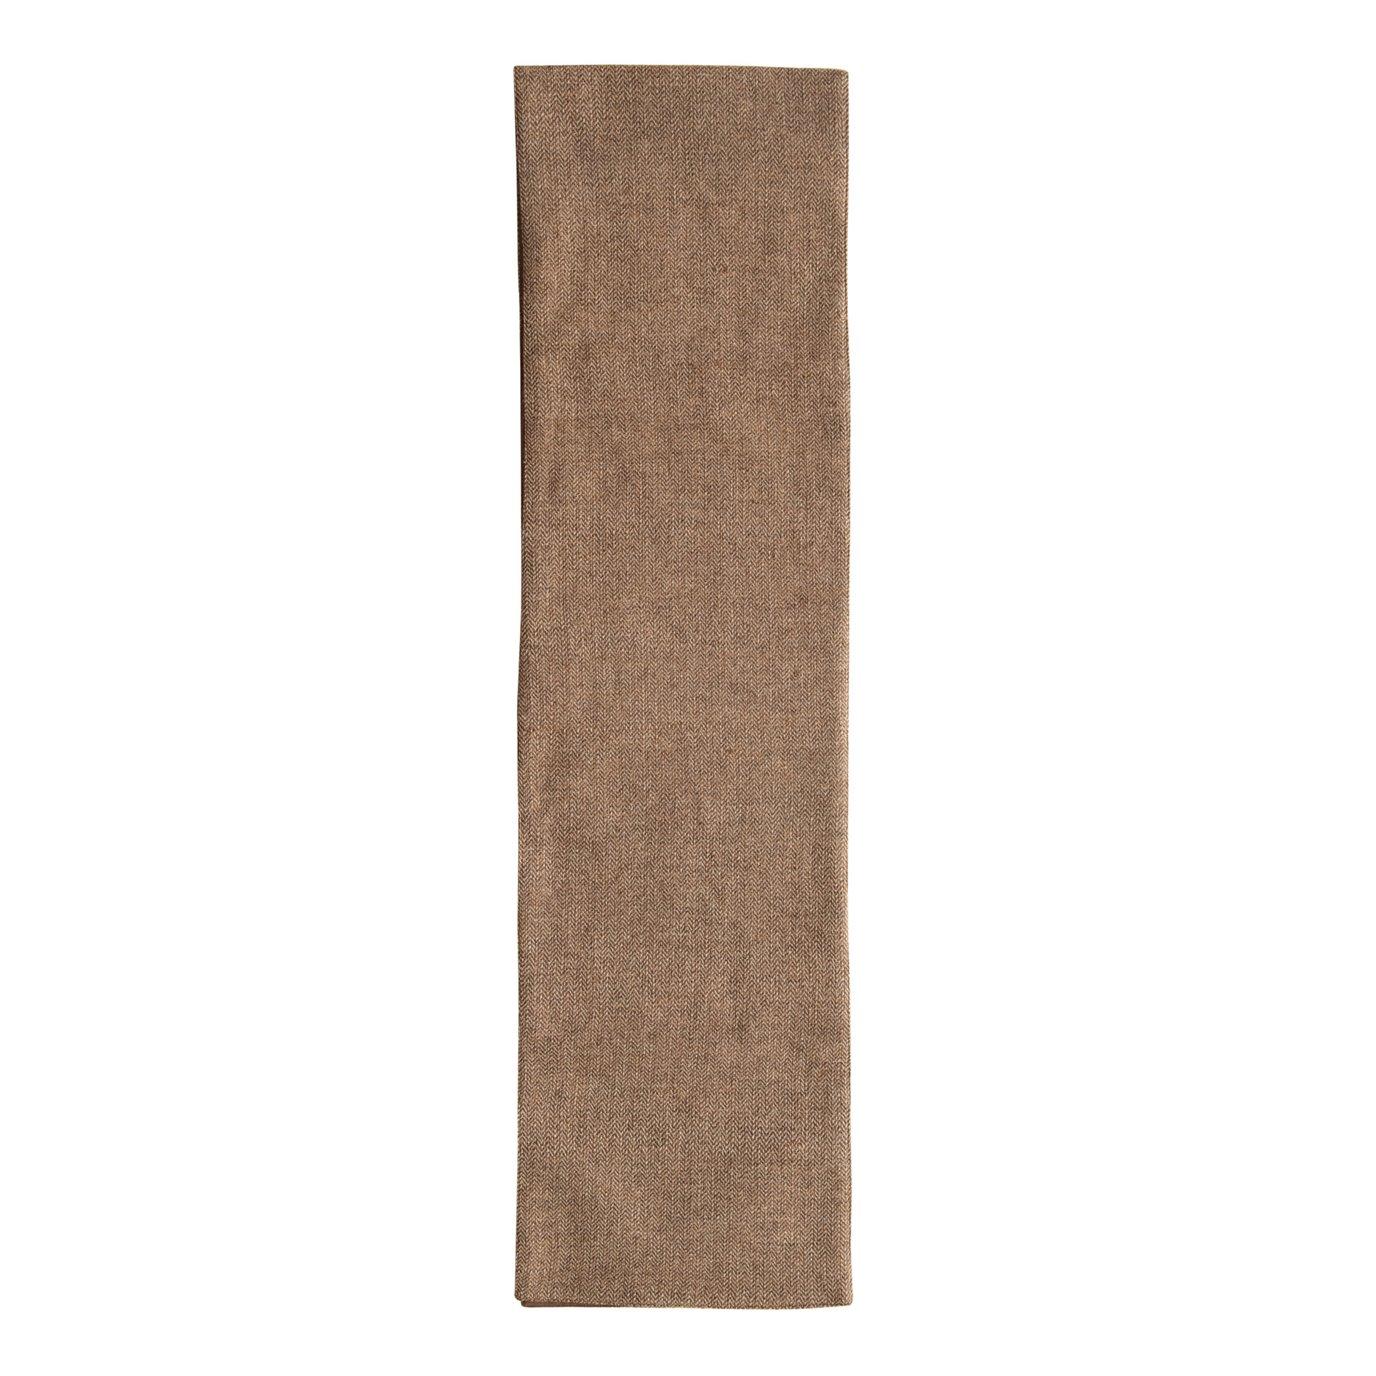 Wool Blend Tweed Table Runner, Brown